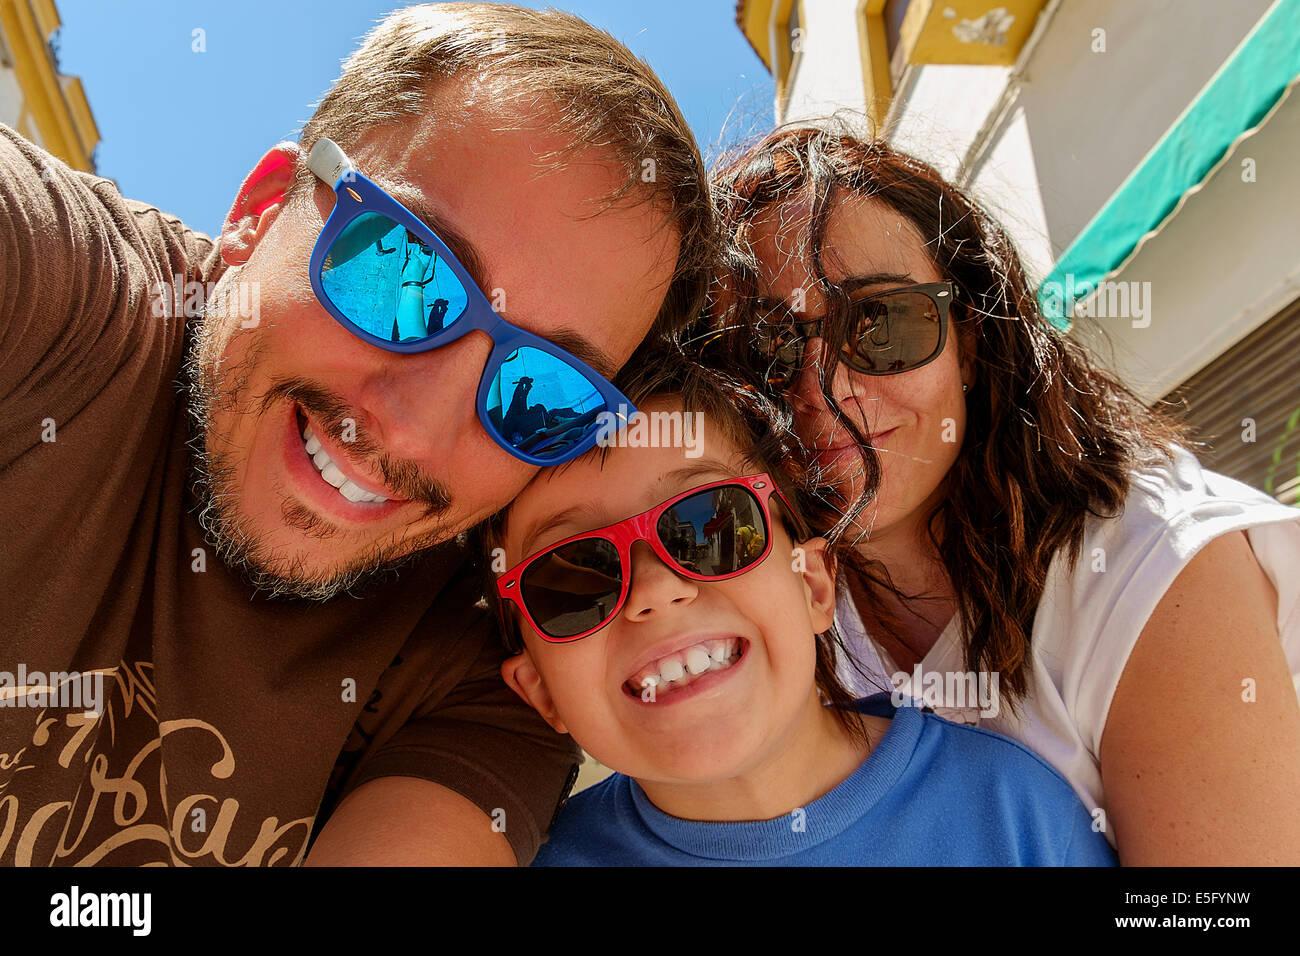 Famiglia avente fun indossando occhiali da sole & agitando per una telecamera tenendo selfie fotografia nel Immagini Stock